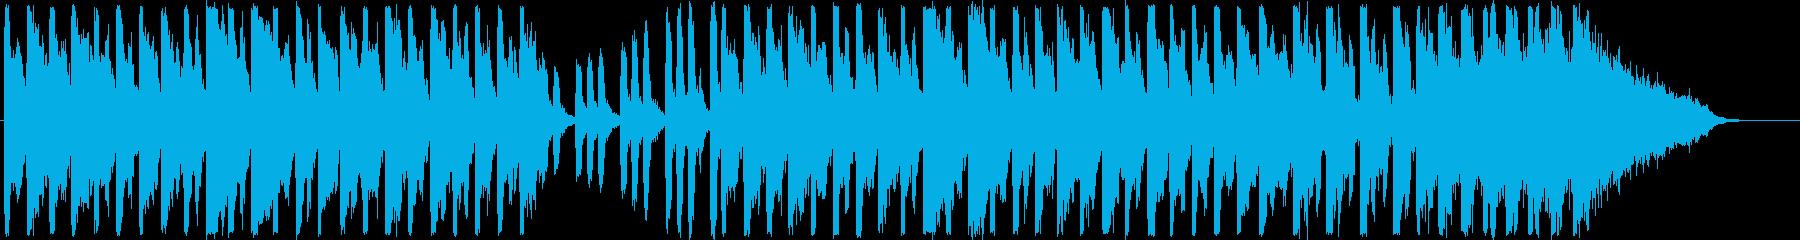 メルヘンで元気が出る軽快なシンセサイザーの再生済みの波形